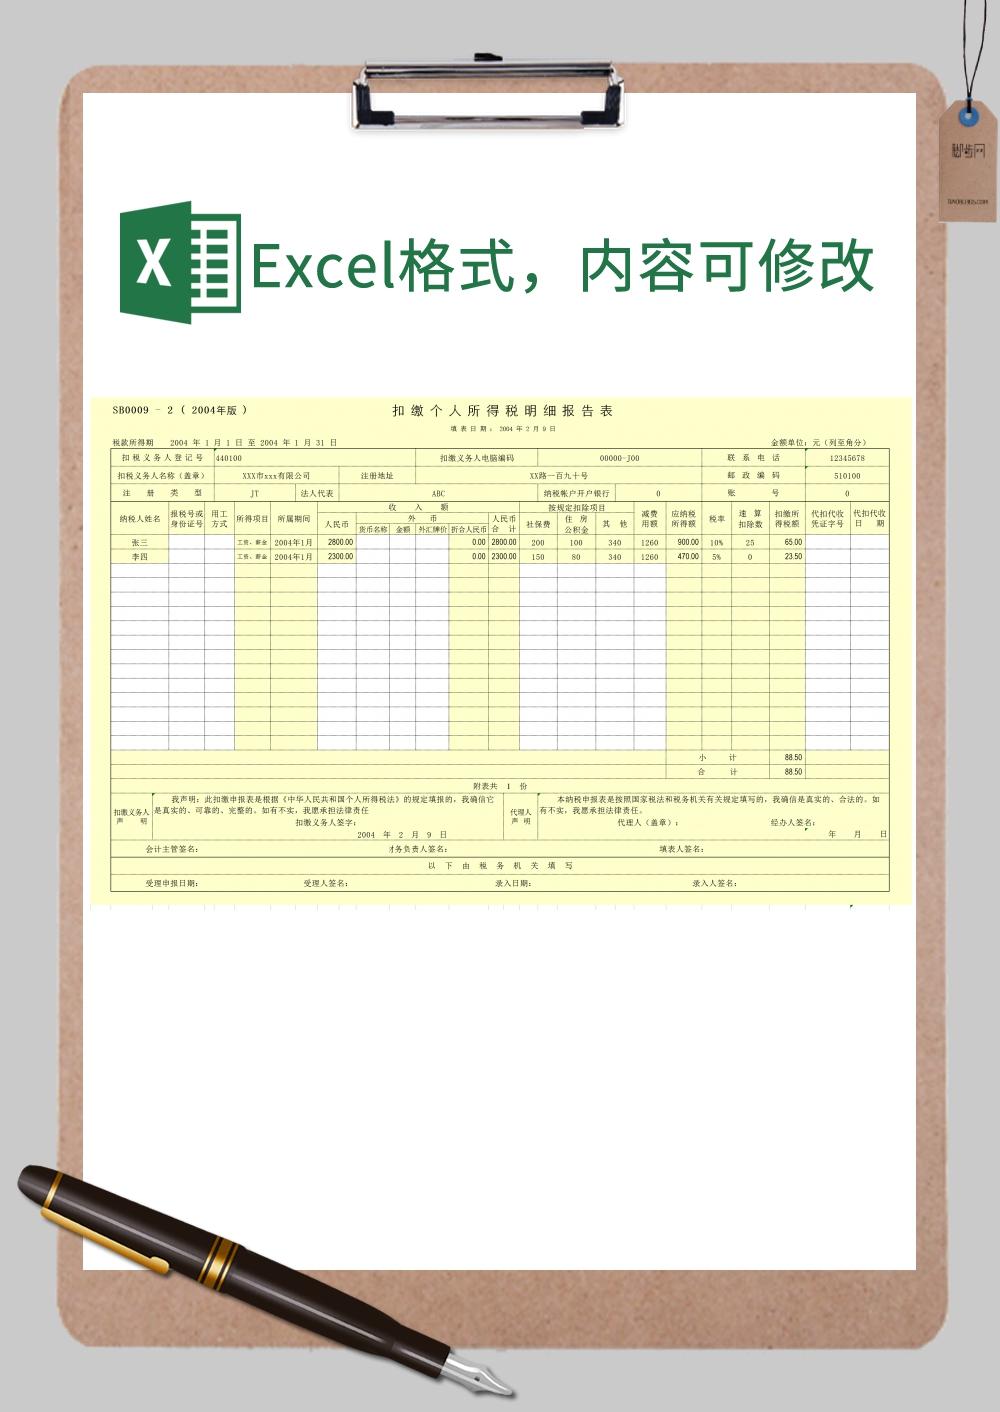 扣缴个人所得税明细报告表Excel模板